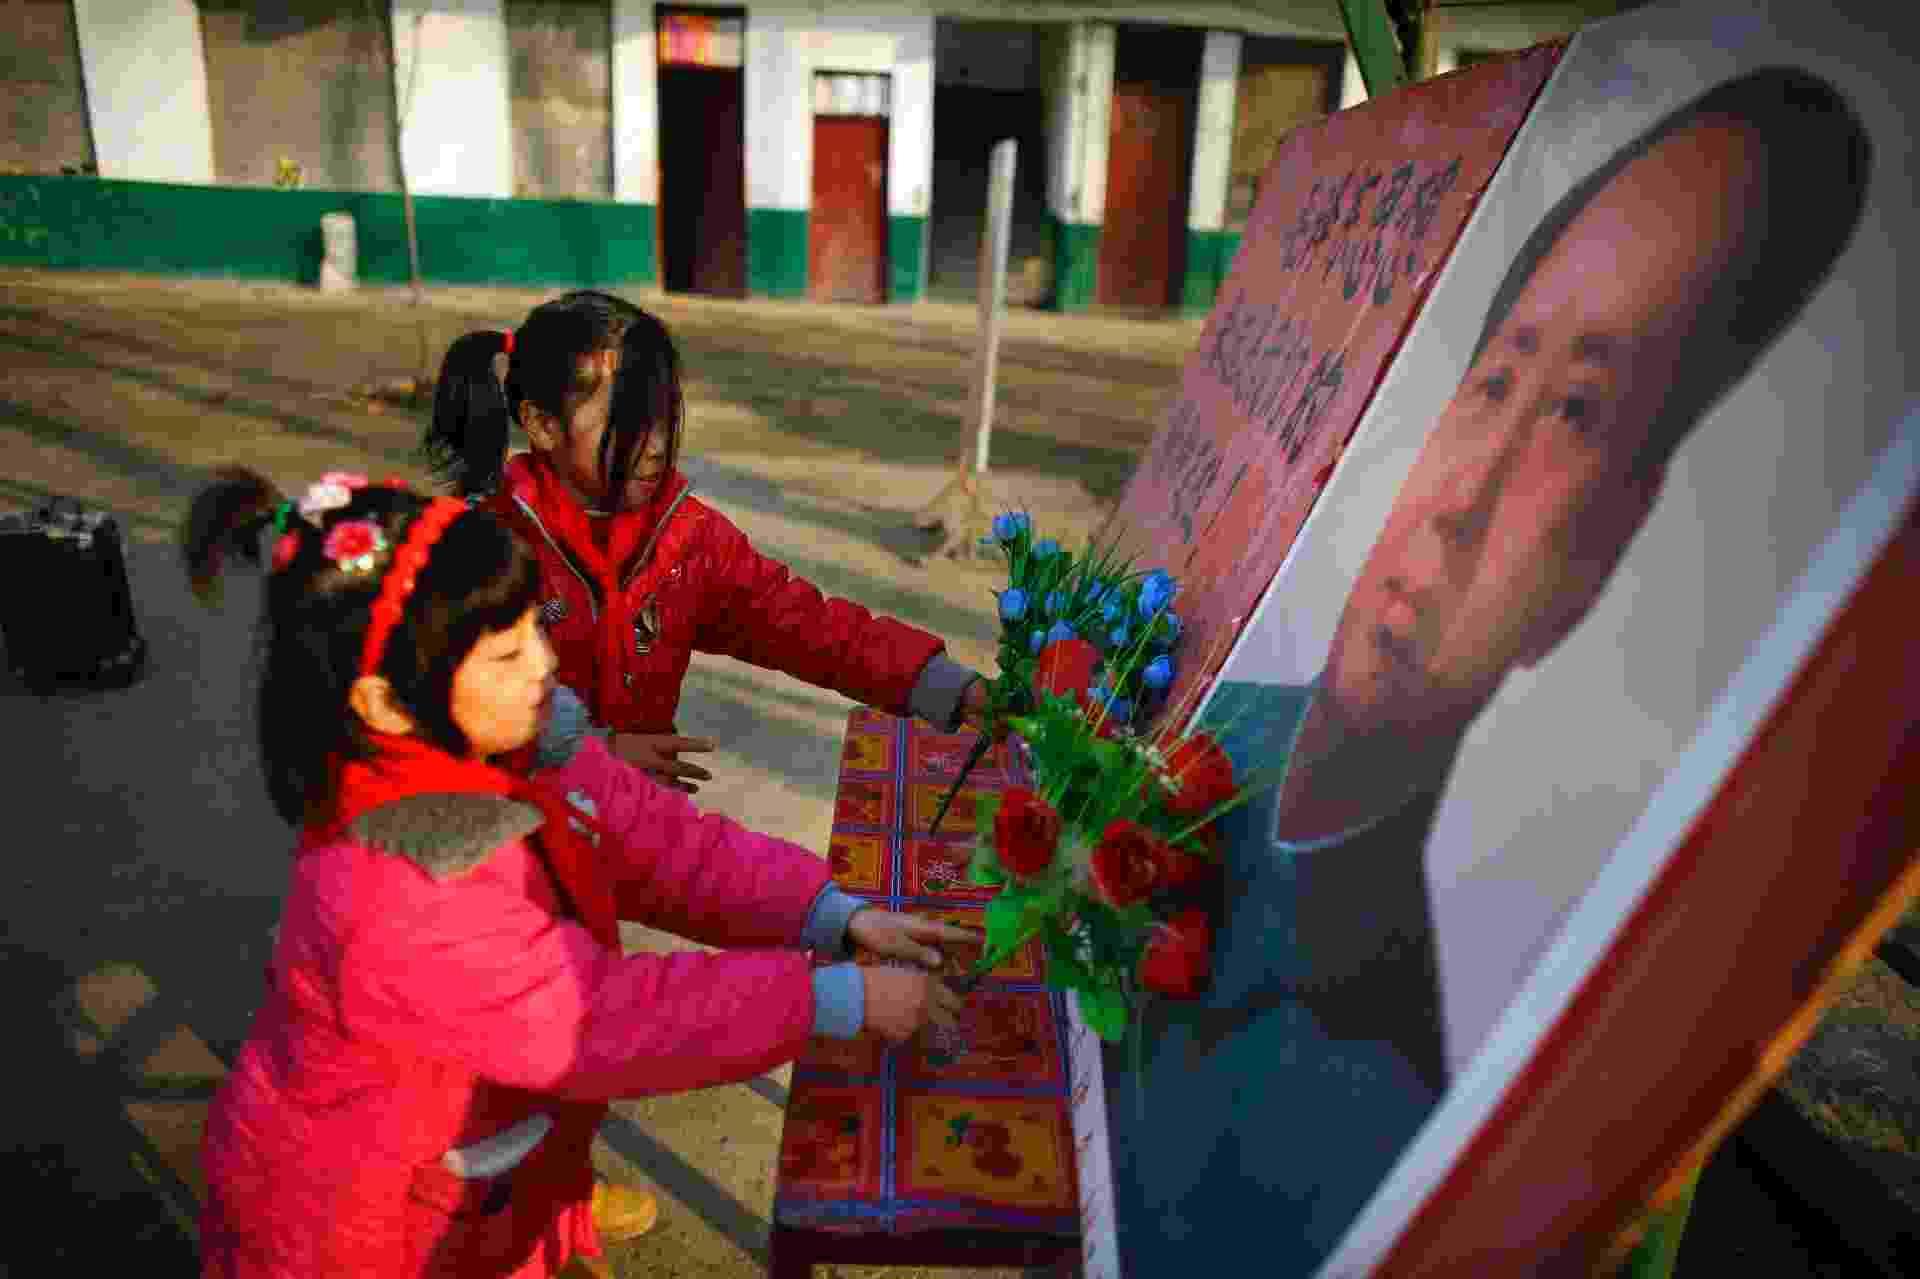 Contra 'China capitalista', professor mantém escola com ensinamentos de Mao - Carlos Barria/Reuters